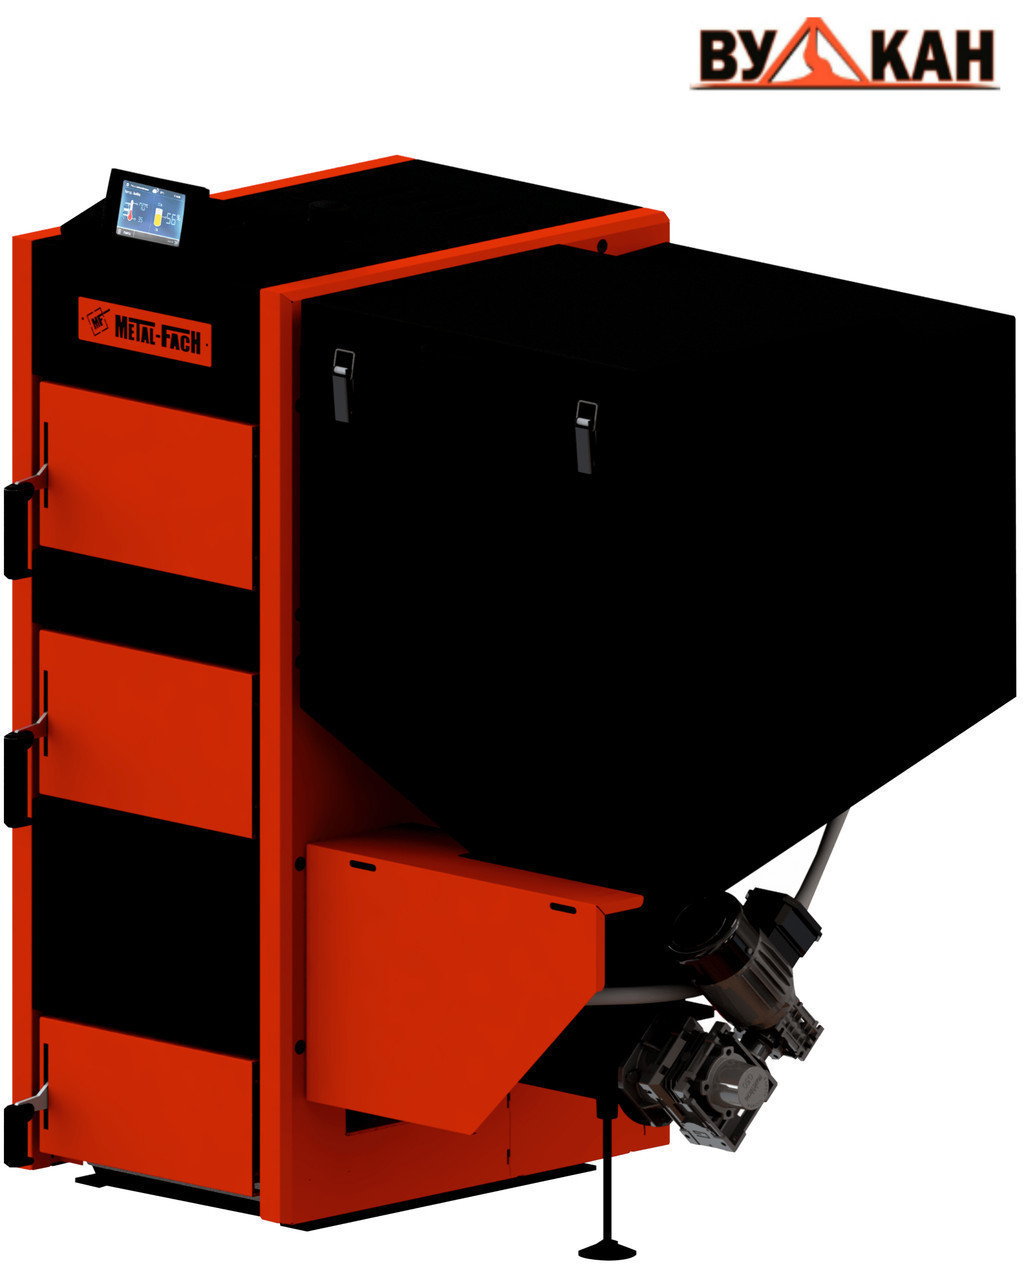 Автоматический котел Metal-Fach SEG 300 кВт с правой подачей